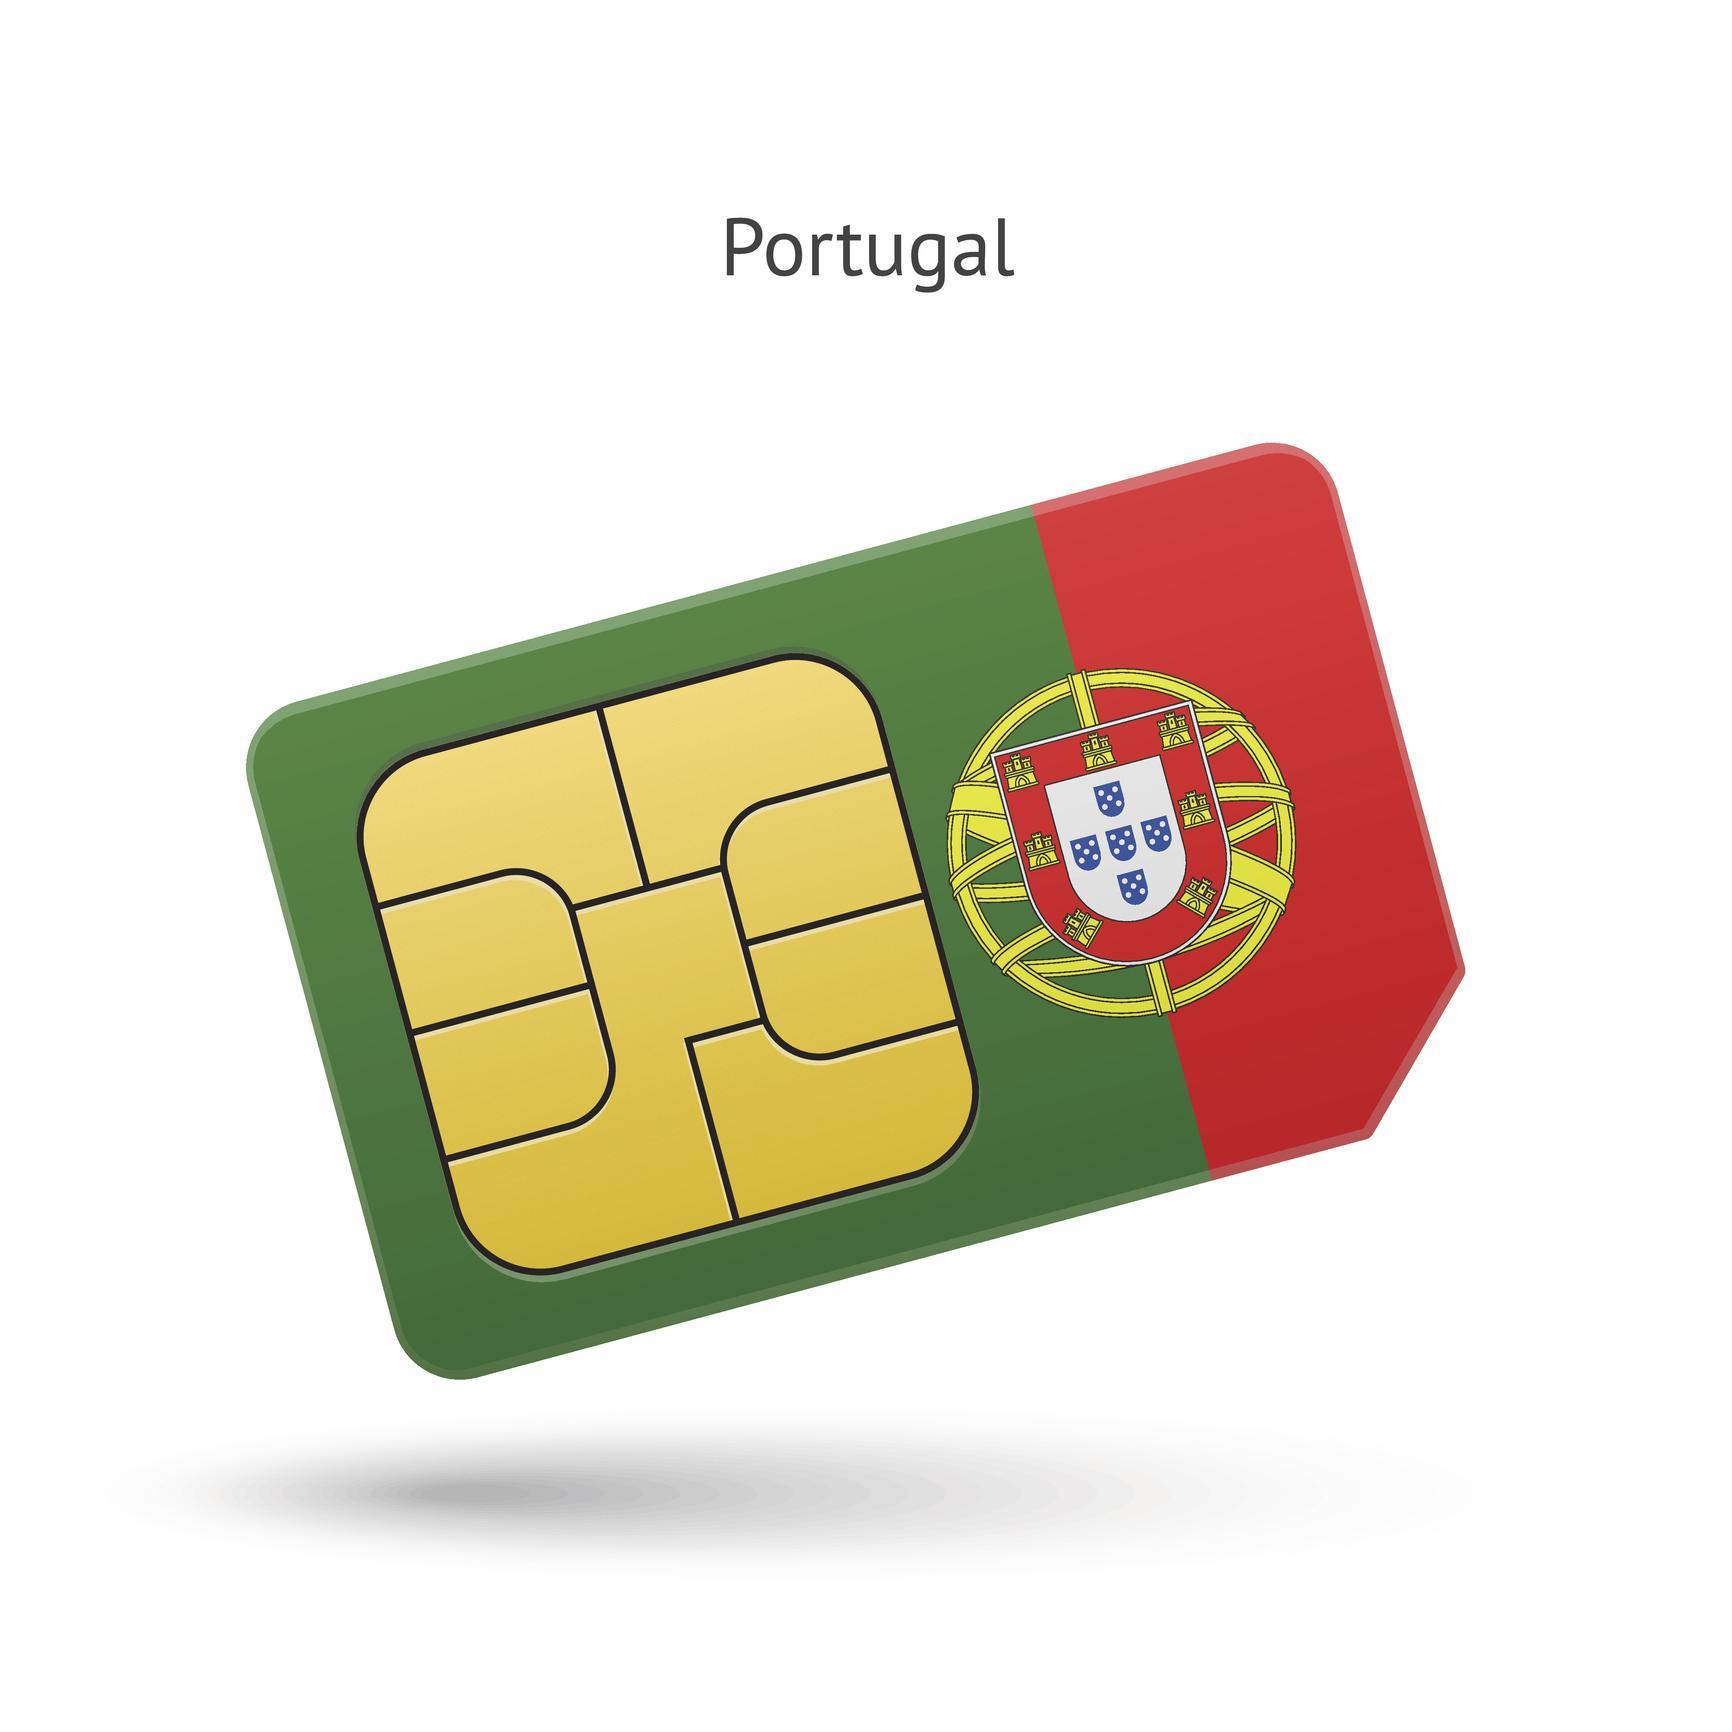 תקשורת בפורטוגל